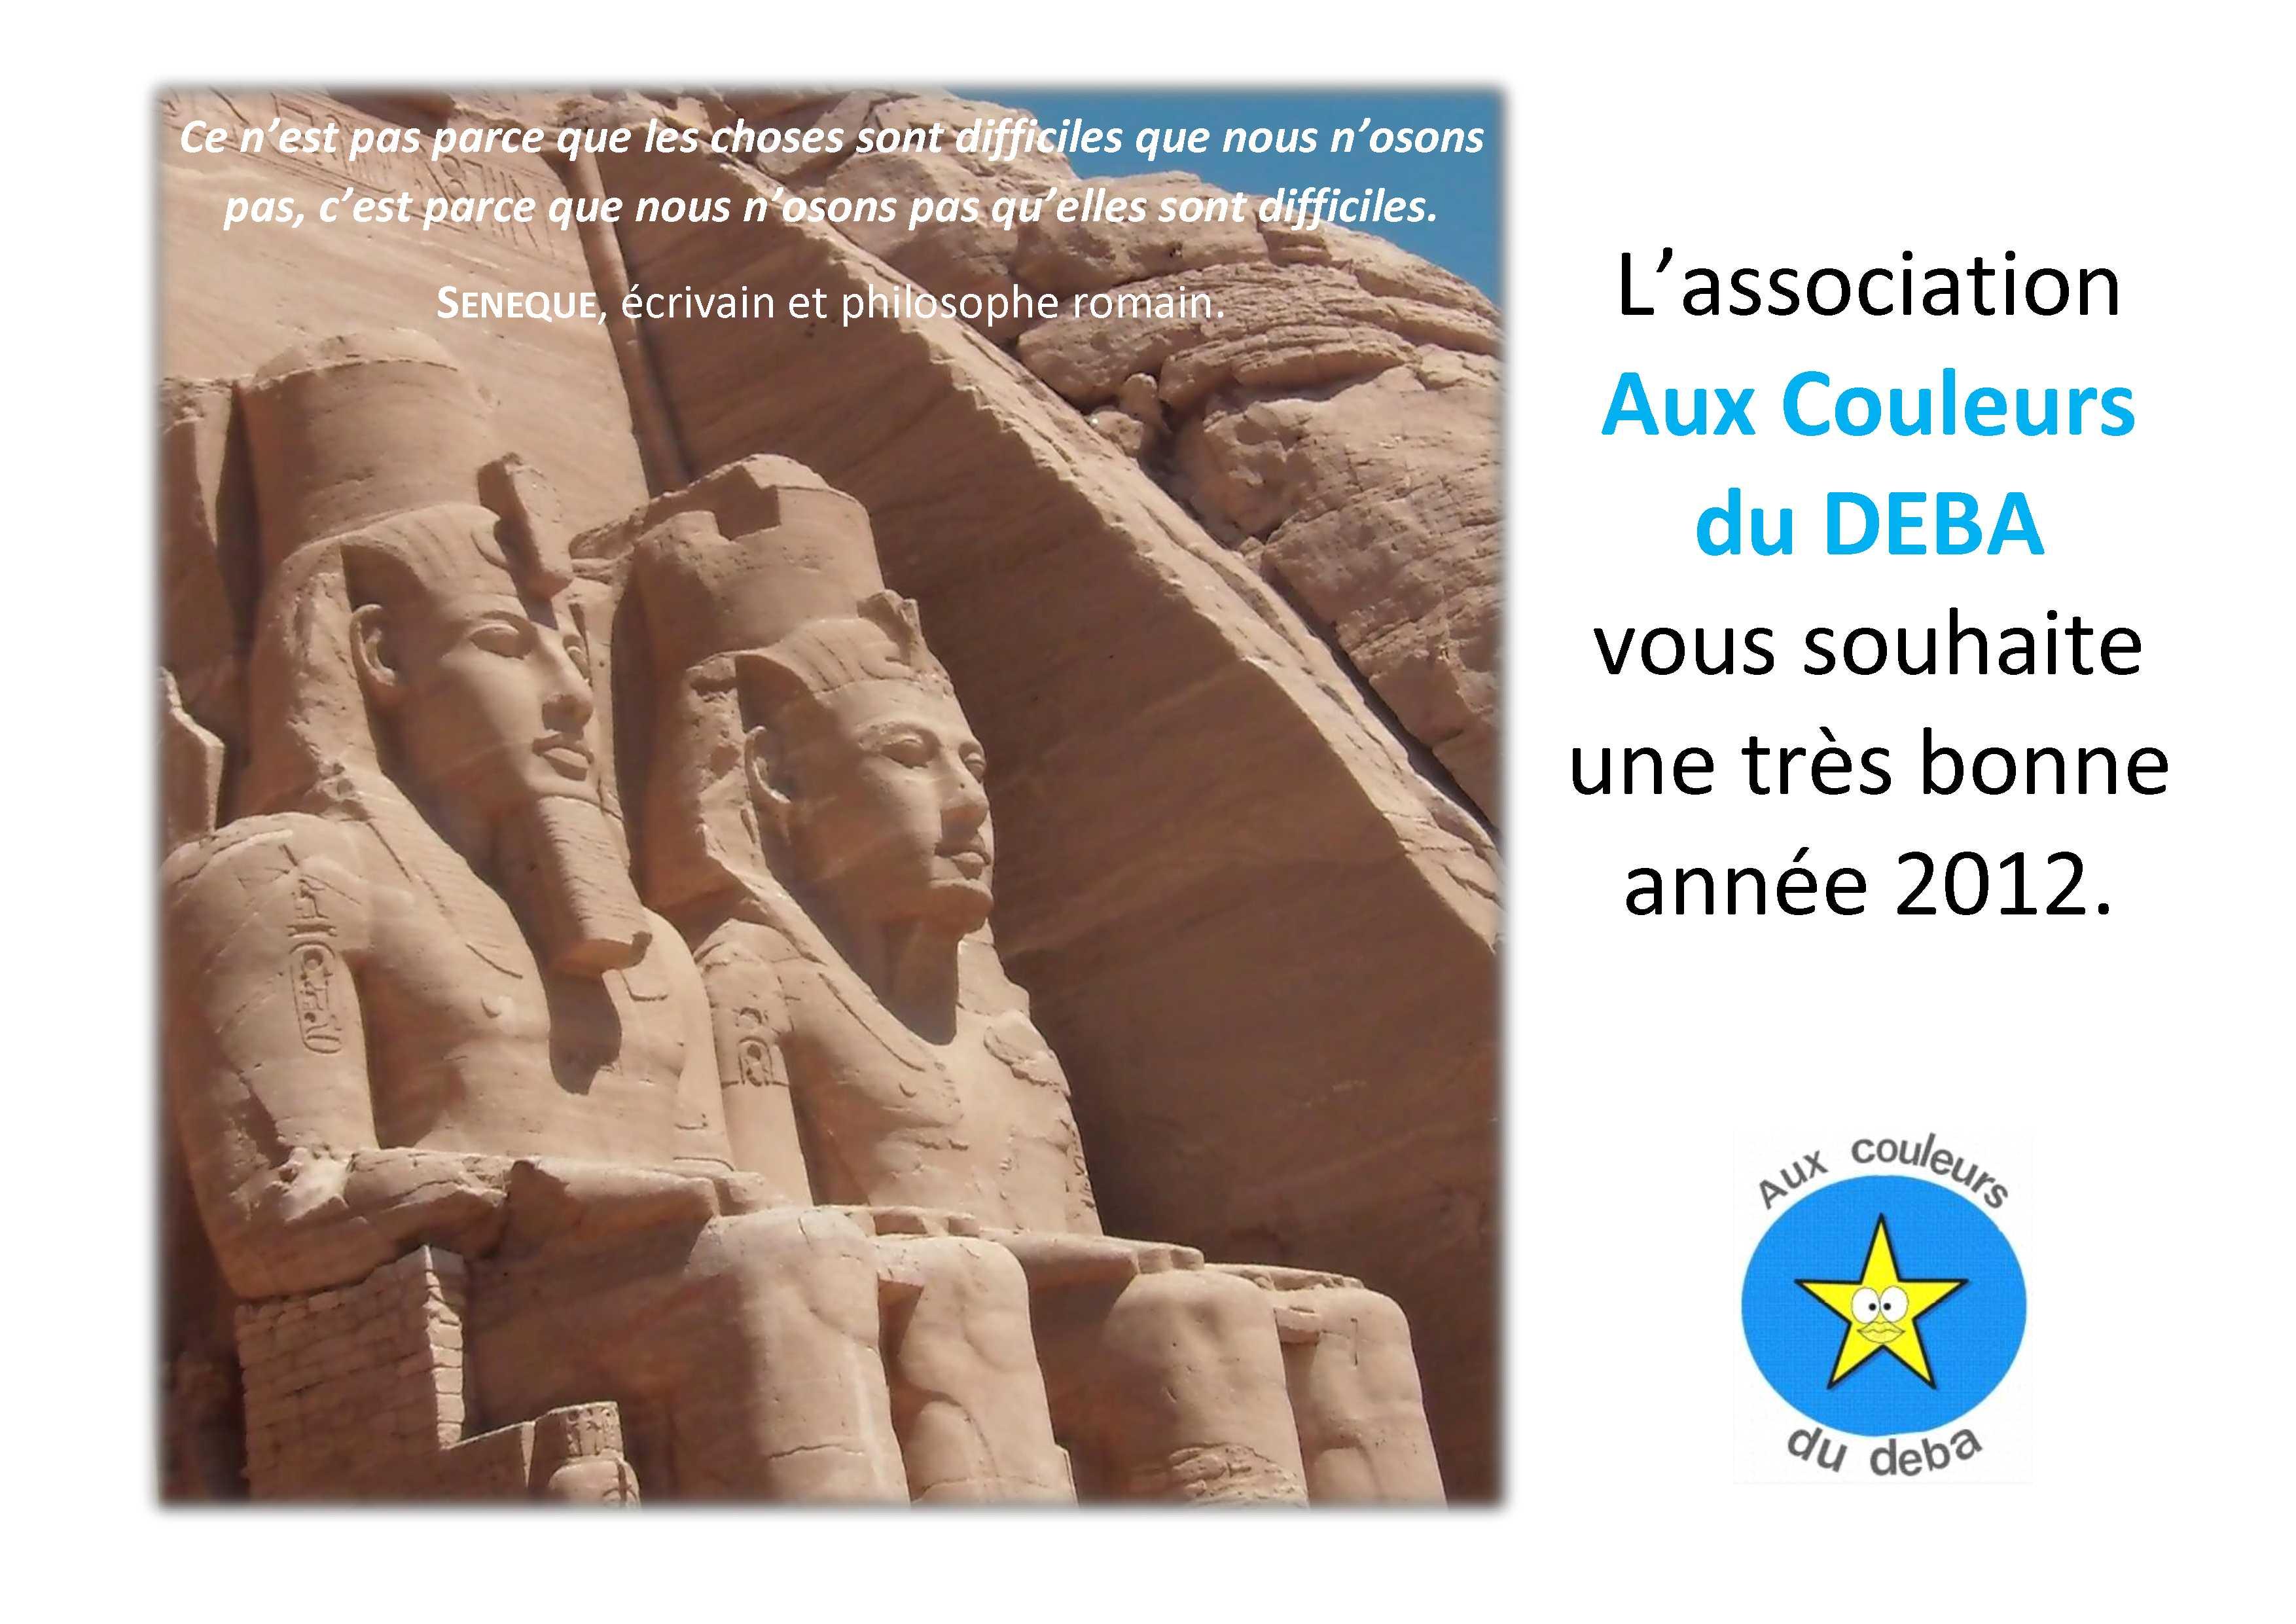 Voeux 2012 dans carte de voeux voeux-deba-2012-ok-blanc1